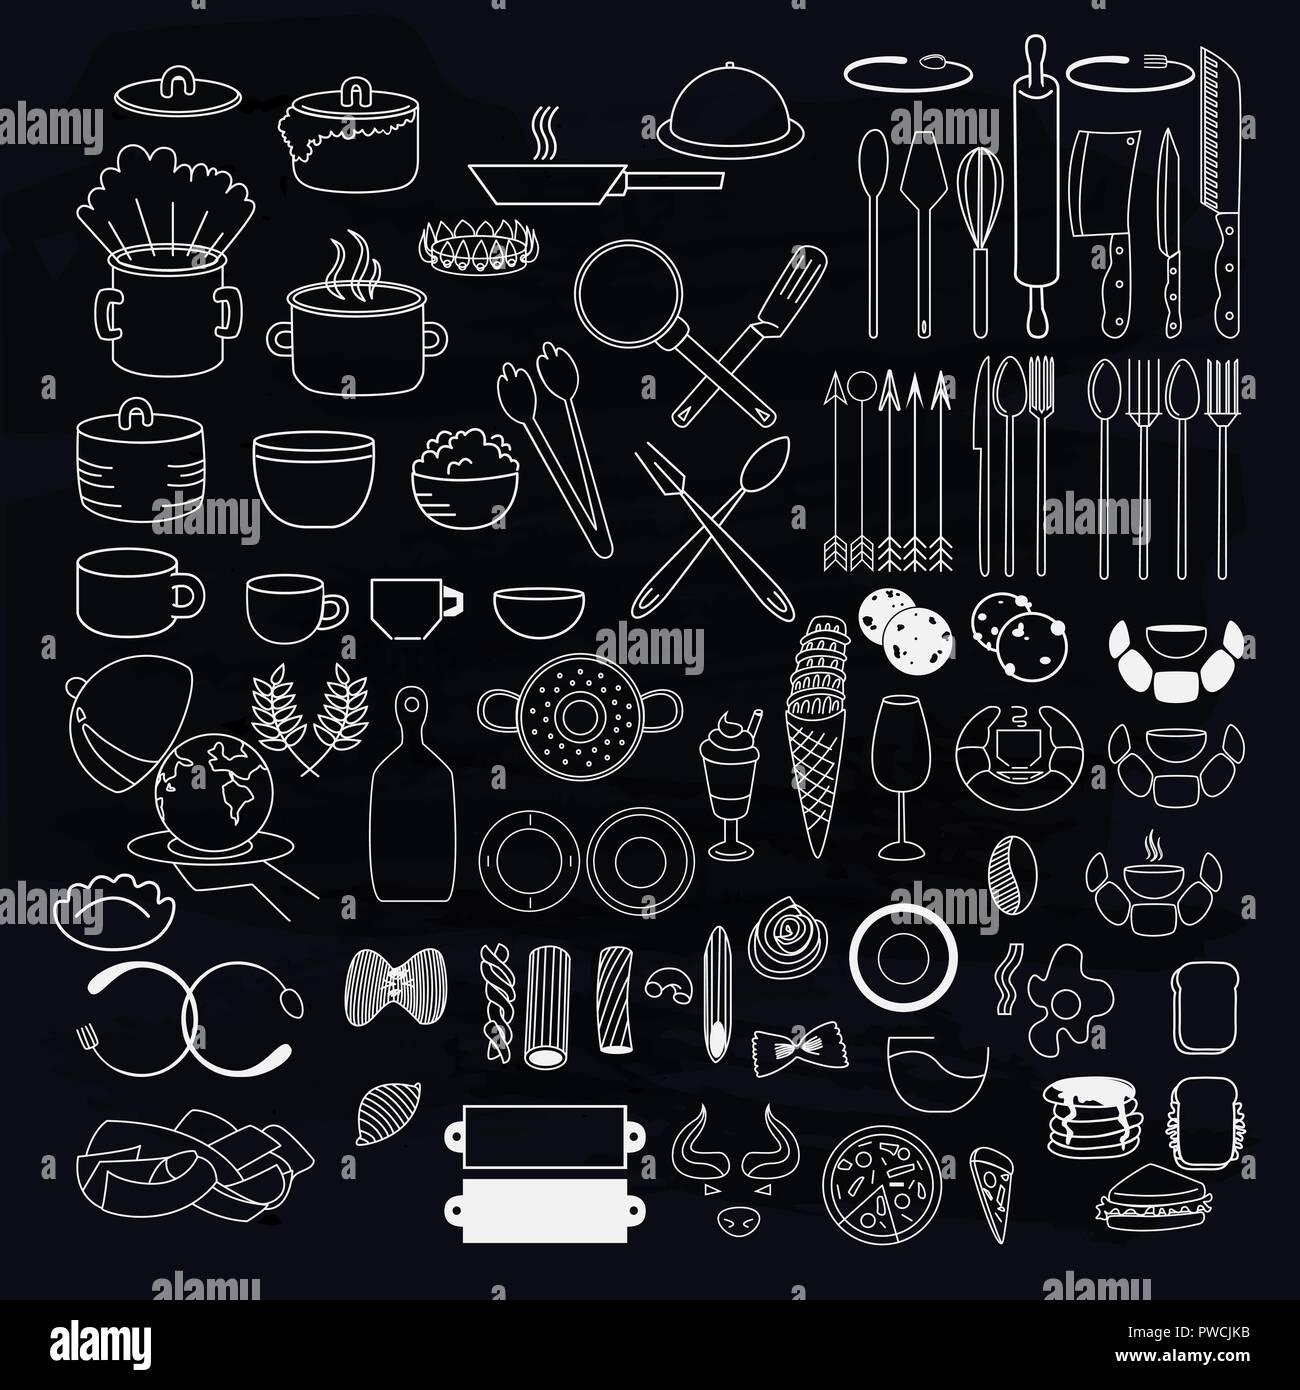 Kuchengerate Symbole Auf Tafel Sammlung Von Handgefertigten